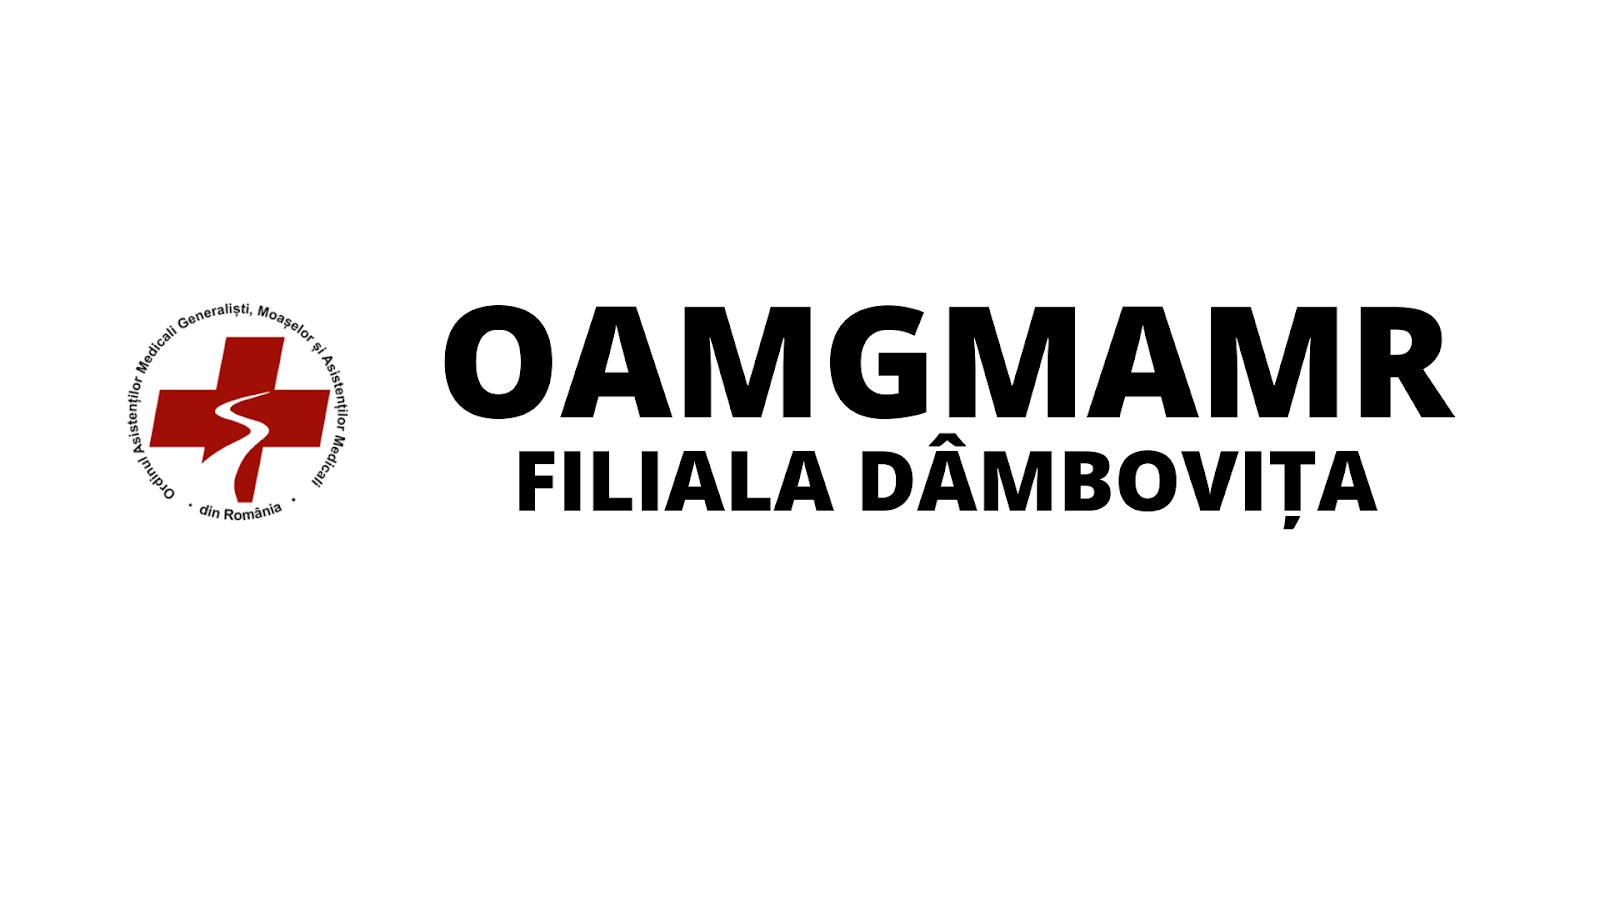 OAMGMAMR Dambovita-Ordinul Asistentilor Medicali filiala Dambovita